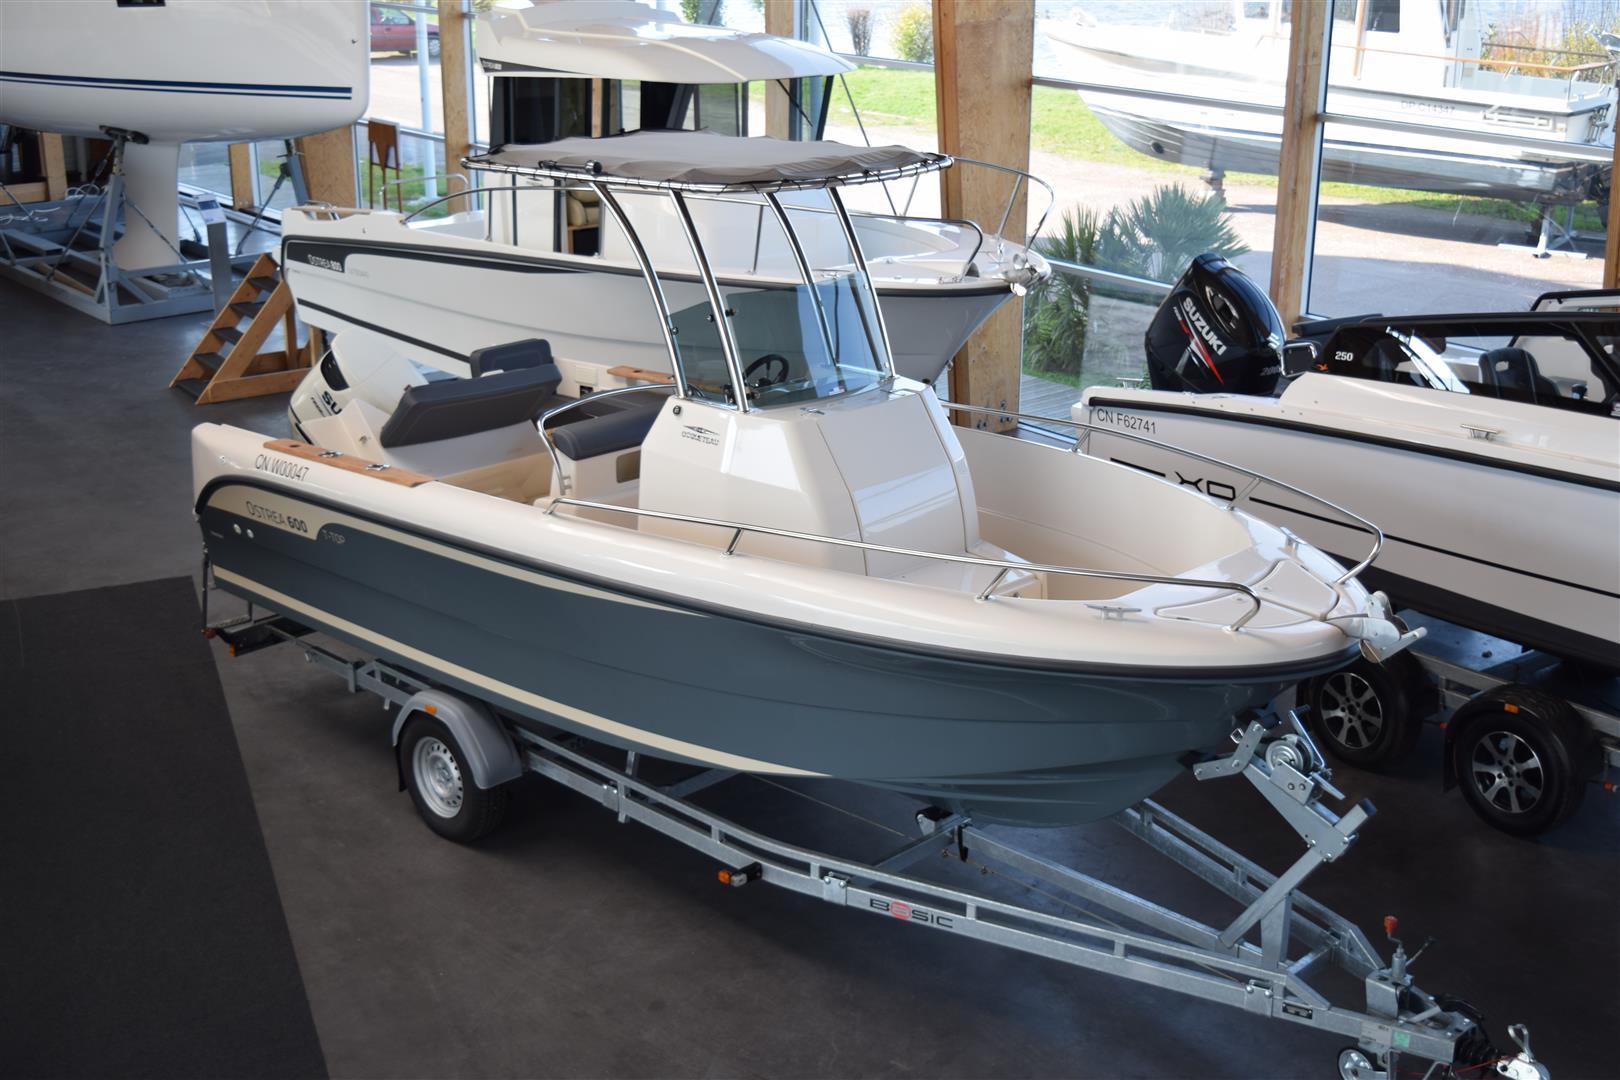 bateau moteur ocqueteau ostrea 600 t top neuf annonces. Black Bedroom Furniture Sets. Home Design Ideas